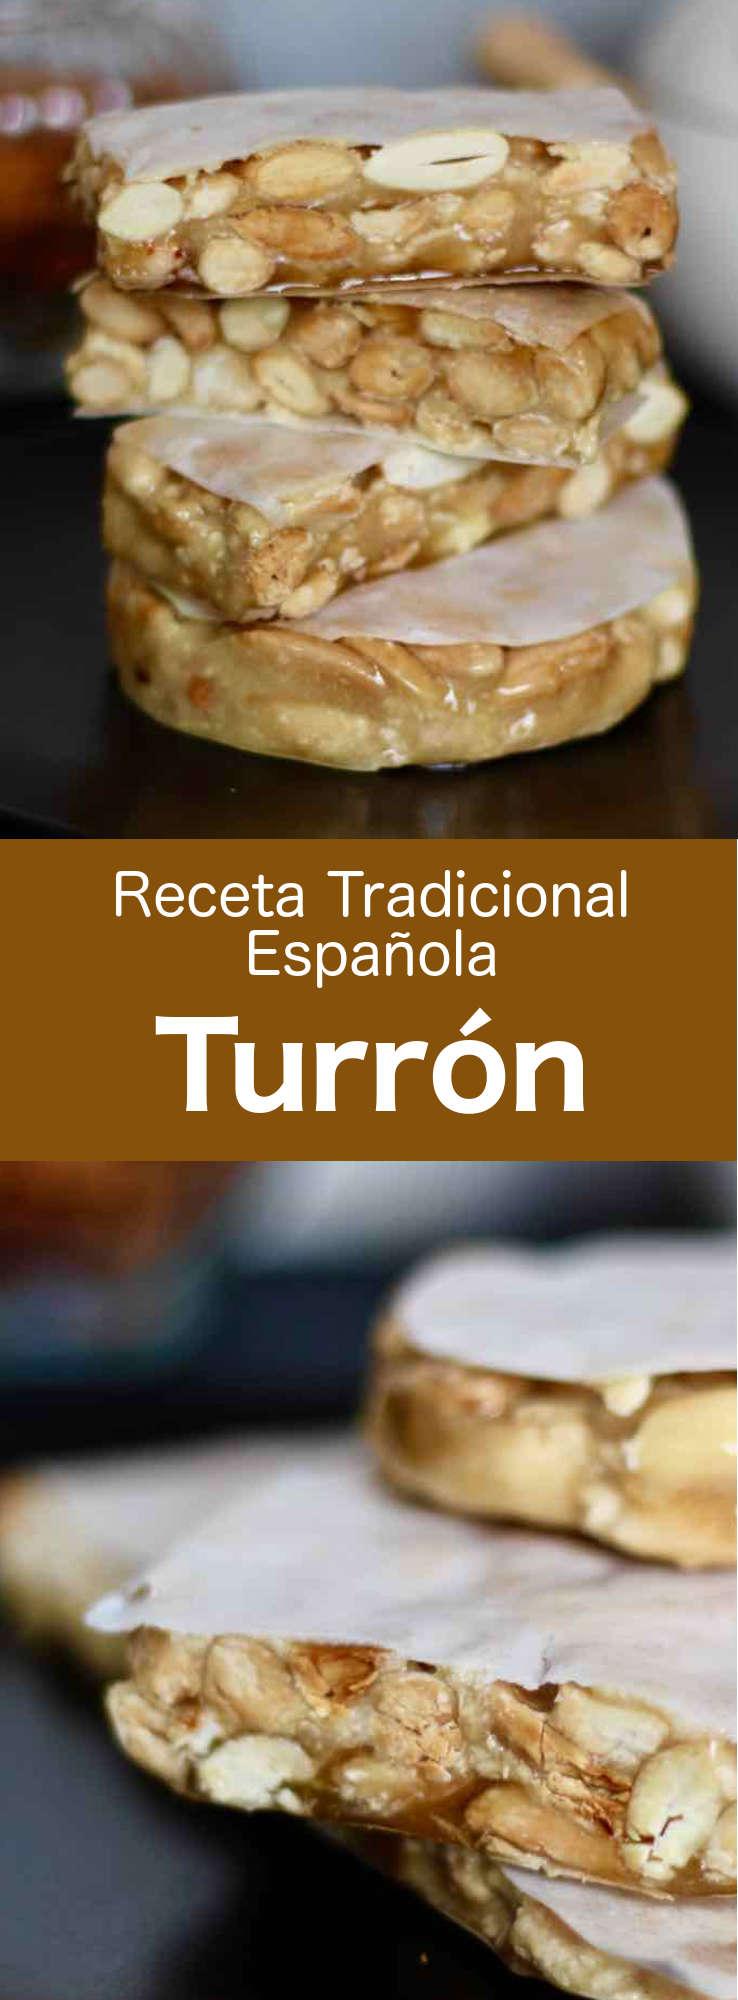 El turrón español es el delicioso resultado de una inteligente mezcla tradicional de miel, azúcar, claras de huevo y almendras o avellanas.